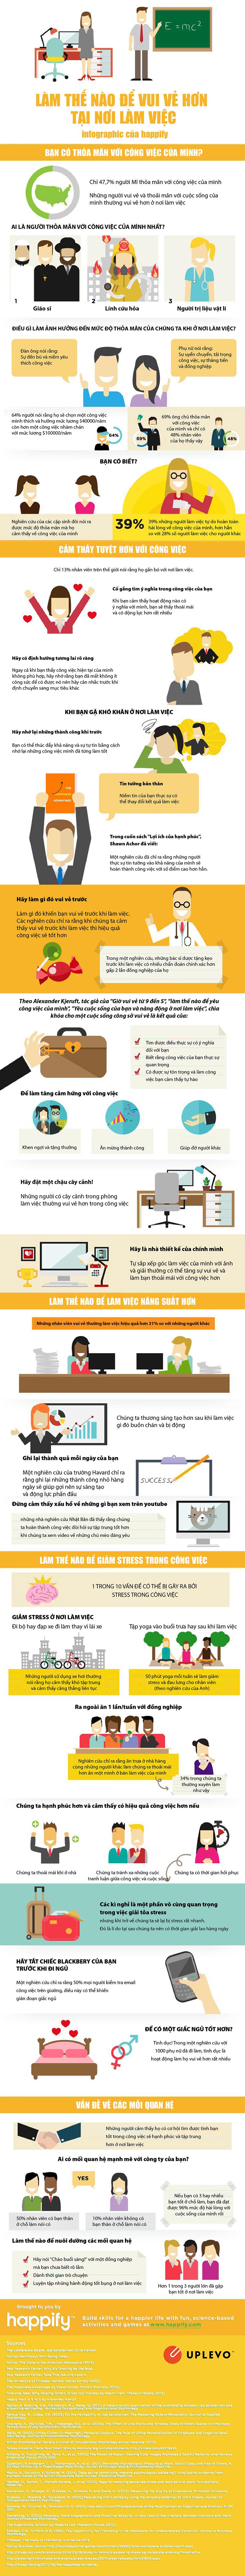 làm thế nào để vui vẻ hơn ở nơi làm việc